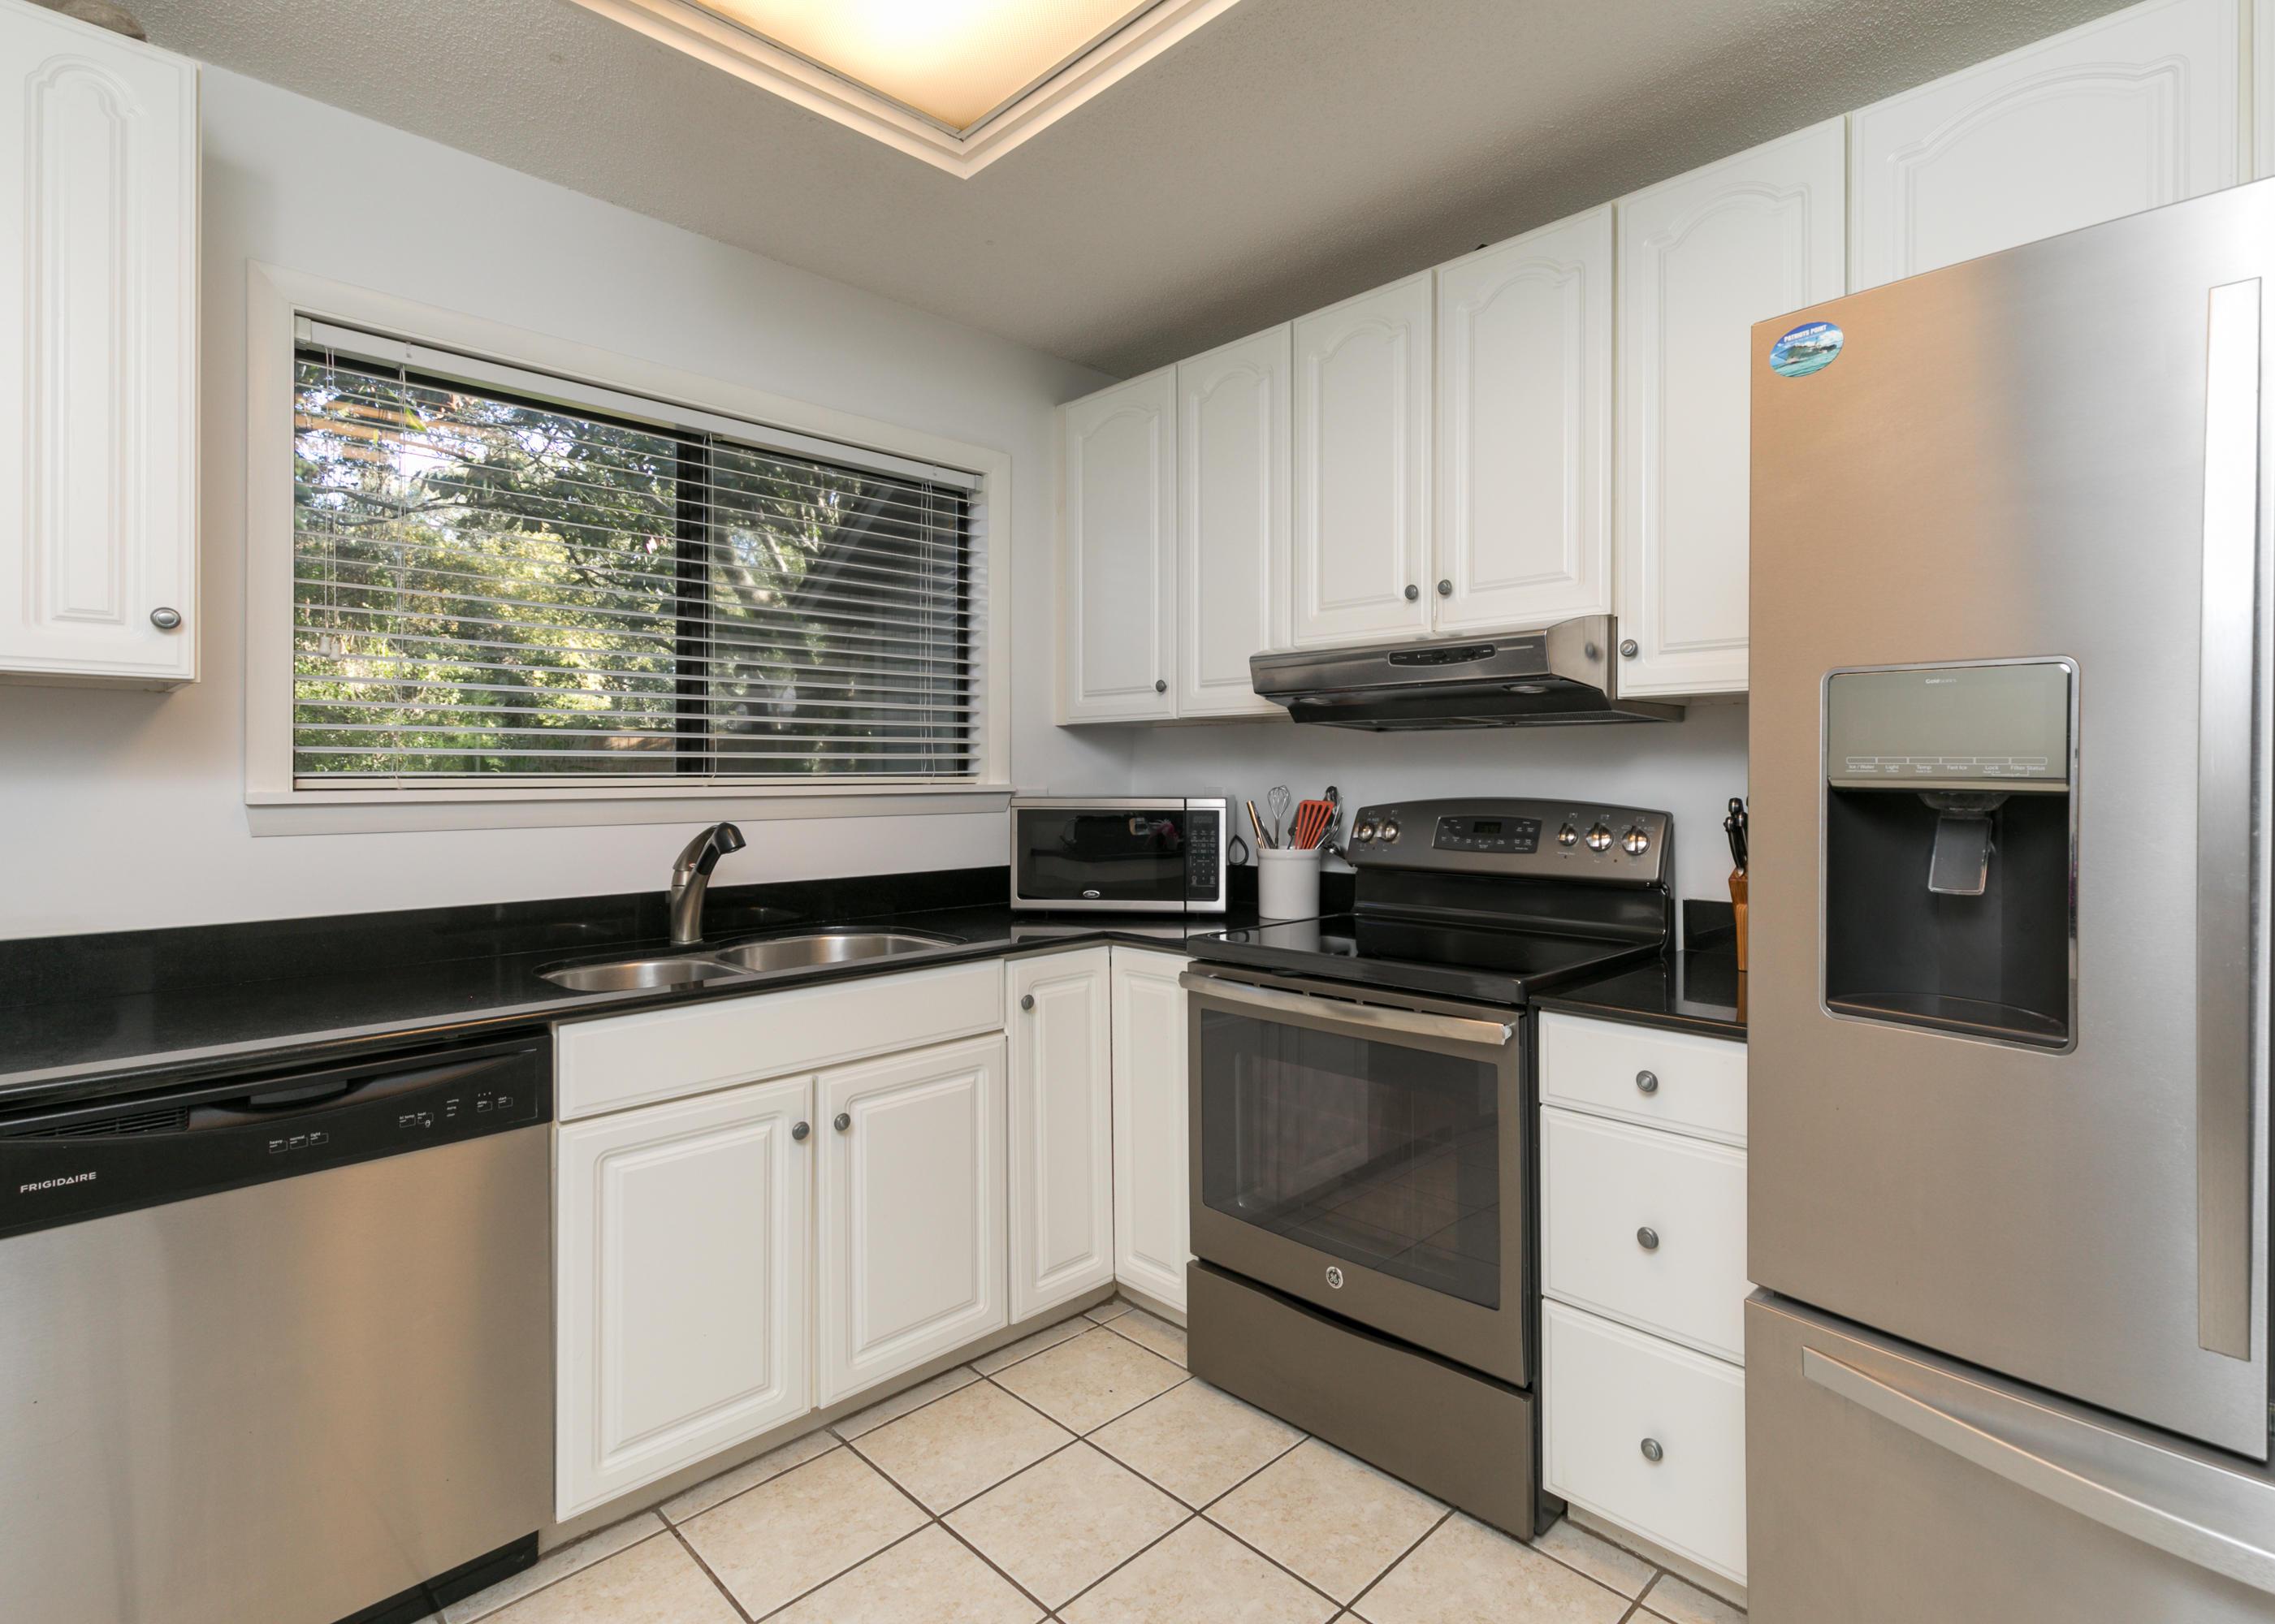 Sandpiper Pointe Homes For Sale - 326 Pelican, Mount Pleasant, SC - 13